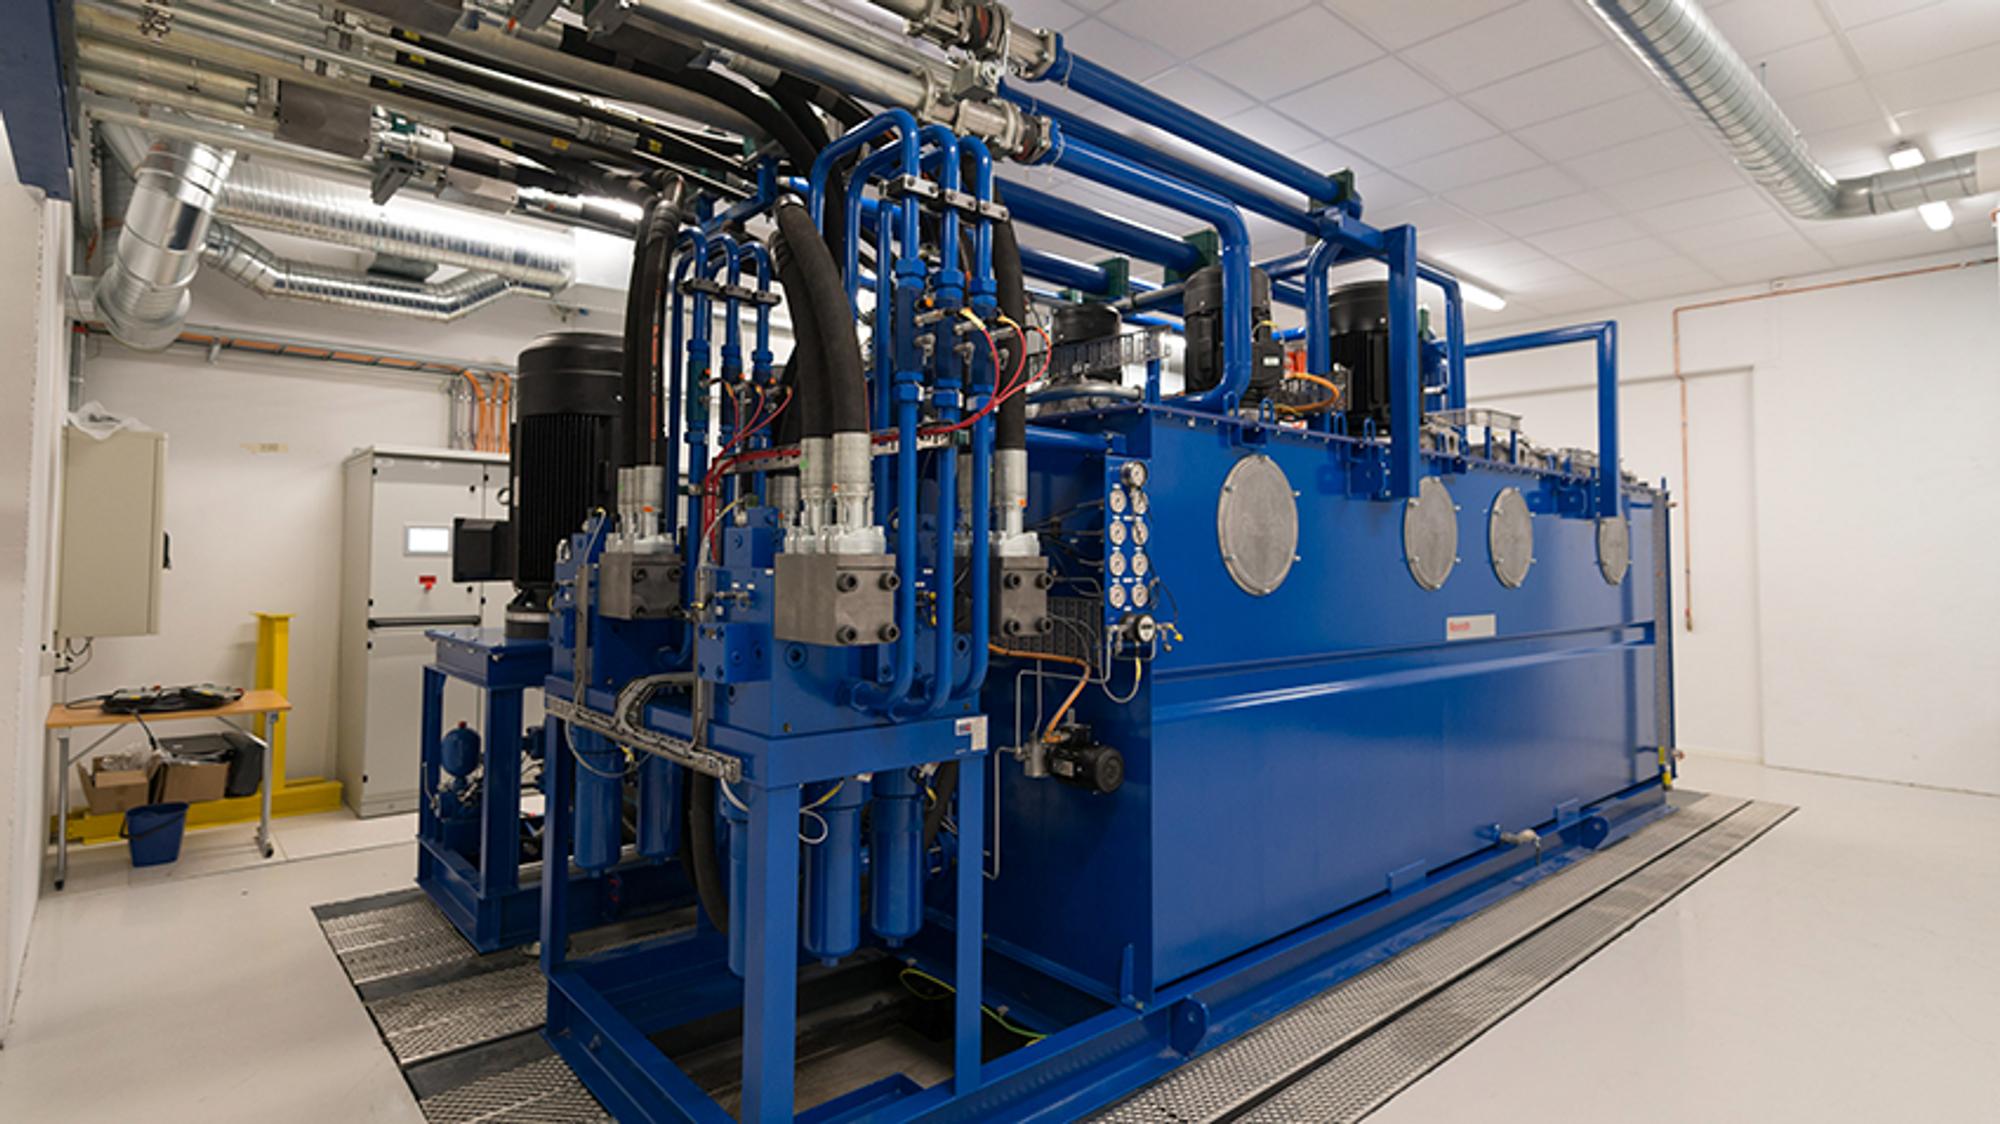 Dette beistet av en hydraulisk powerpack, som driver mange av laboratoriets maskiner, viser hvordan godt samarbeid mellom forskningsmiljø og industri kan fungere.